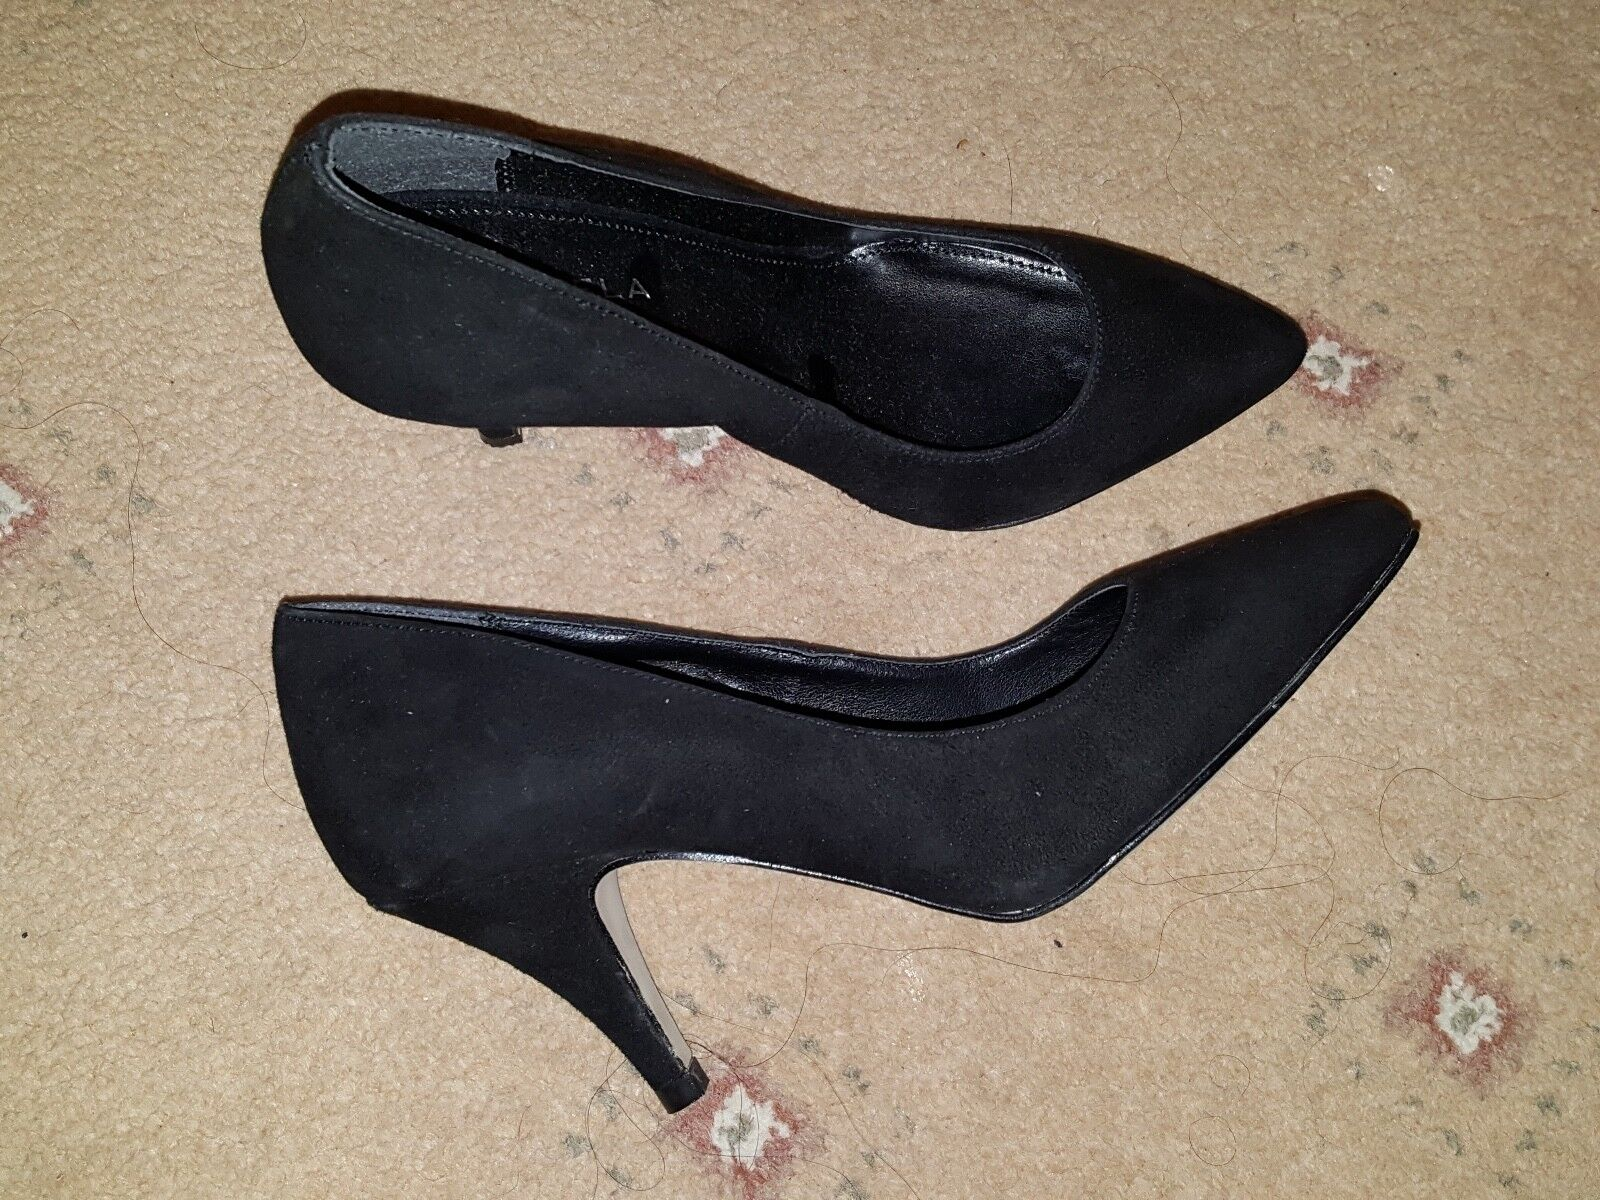 BNWOB carvela Kurt Geiger Negro de cuero cuero cuero de gamuza en Punta Tacones Tribunal Zapatos Talla 3  orden ahora con gran descuento y entrega gratuita